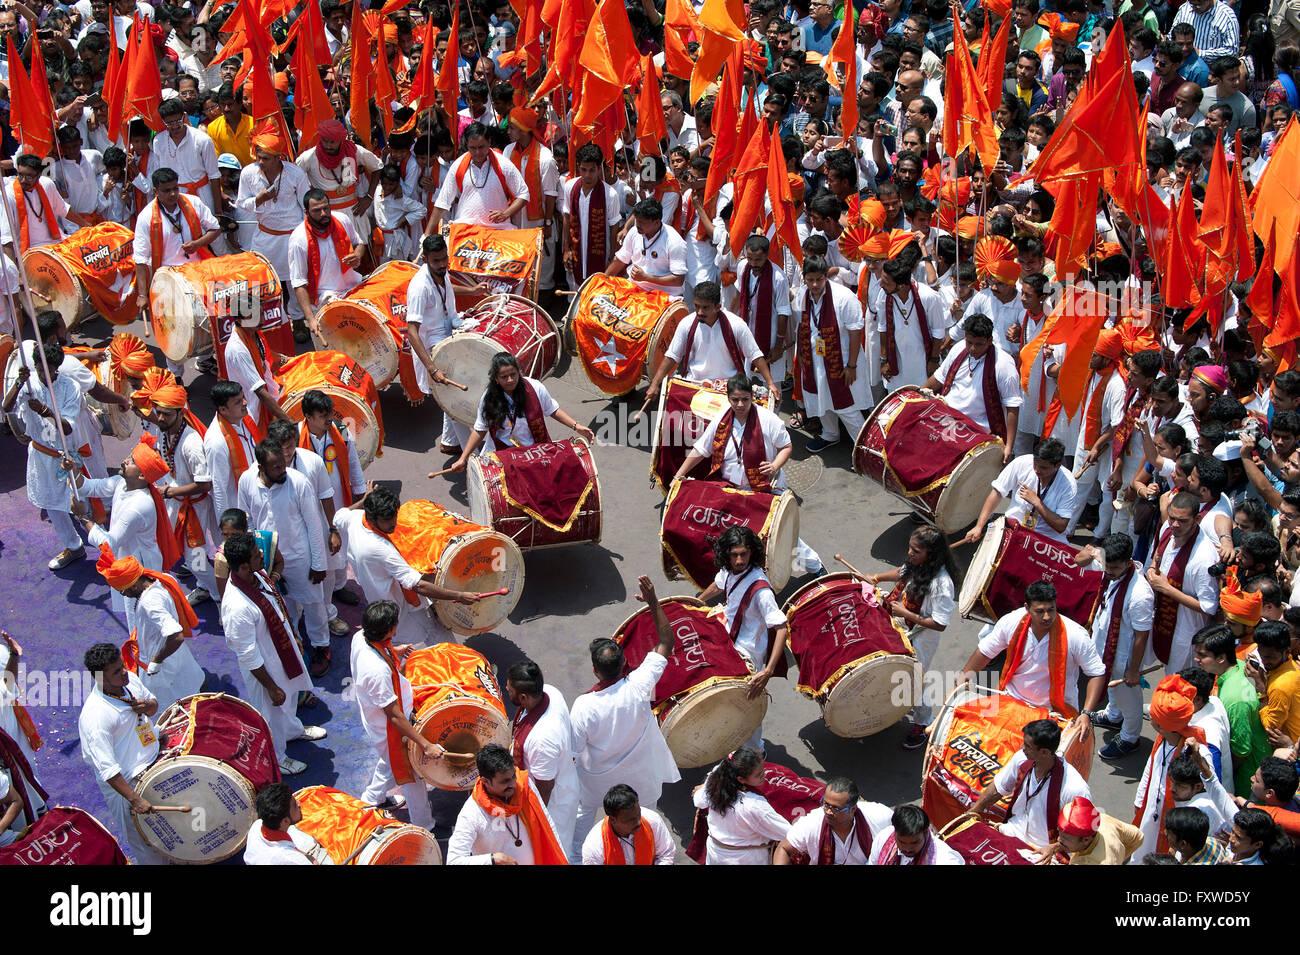 Band, Guddi Padwa Marathi New year procession - Stock Image